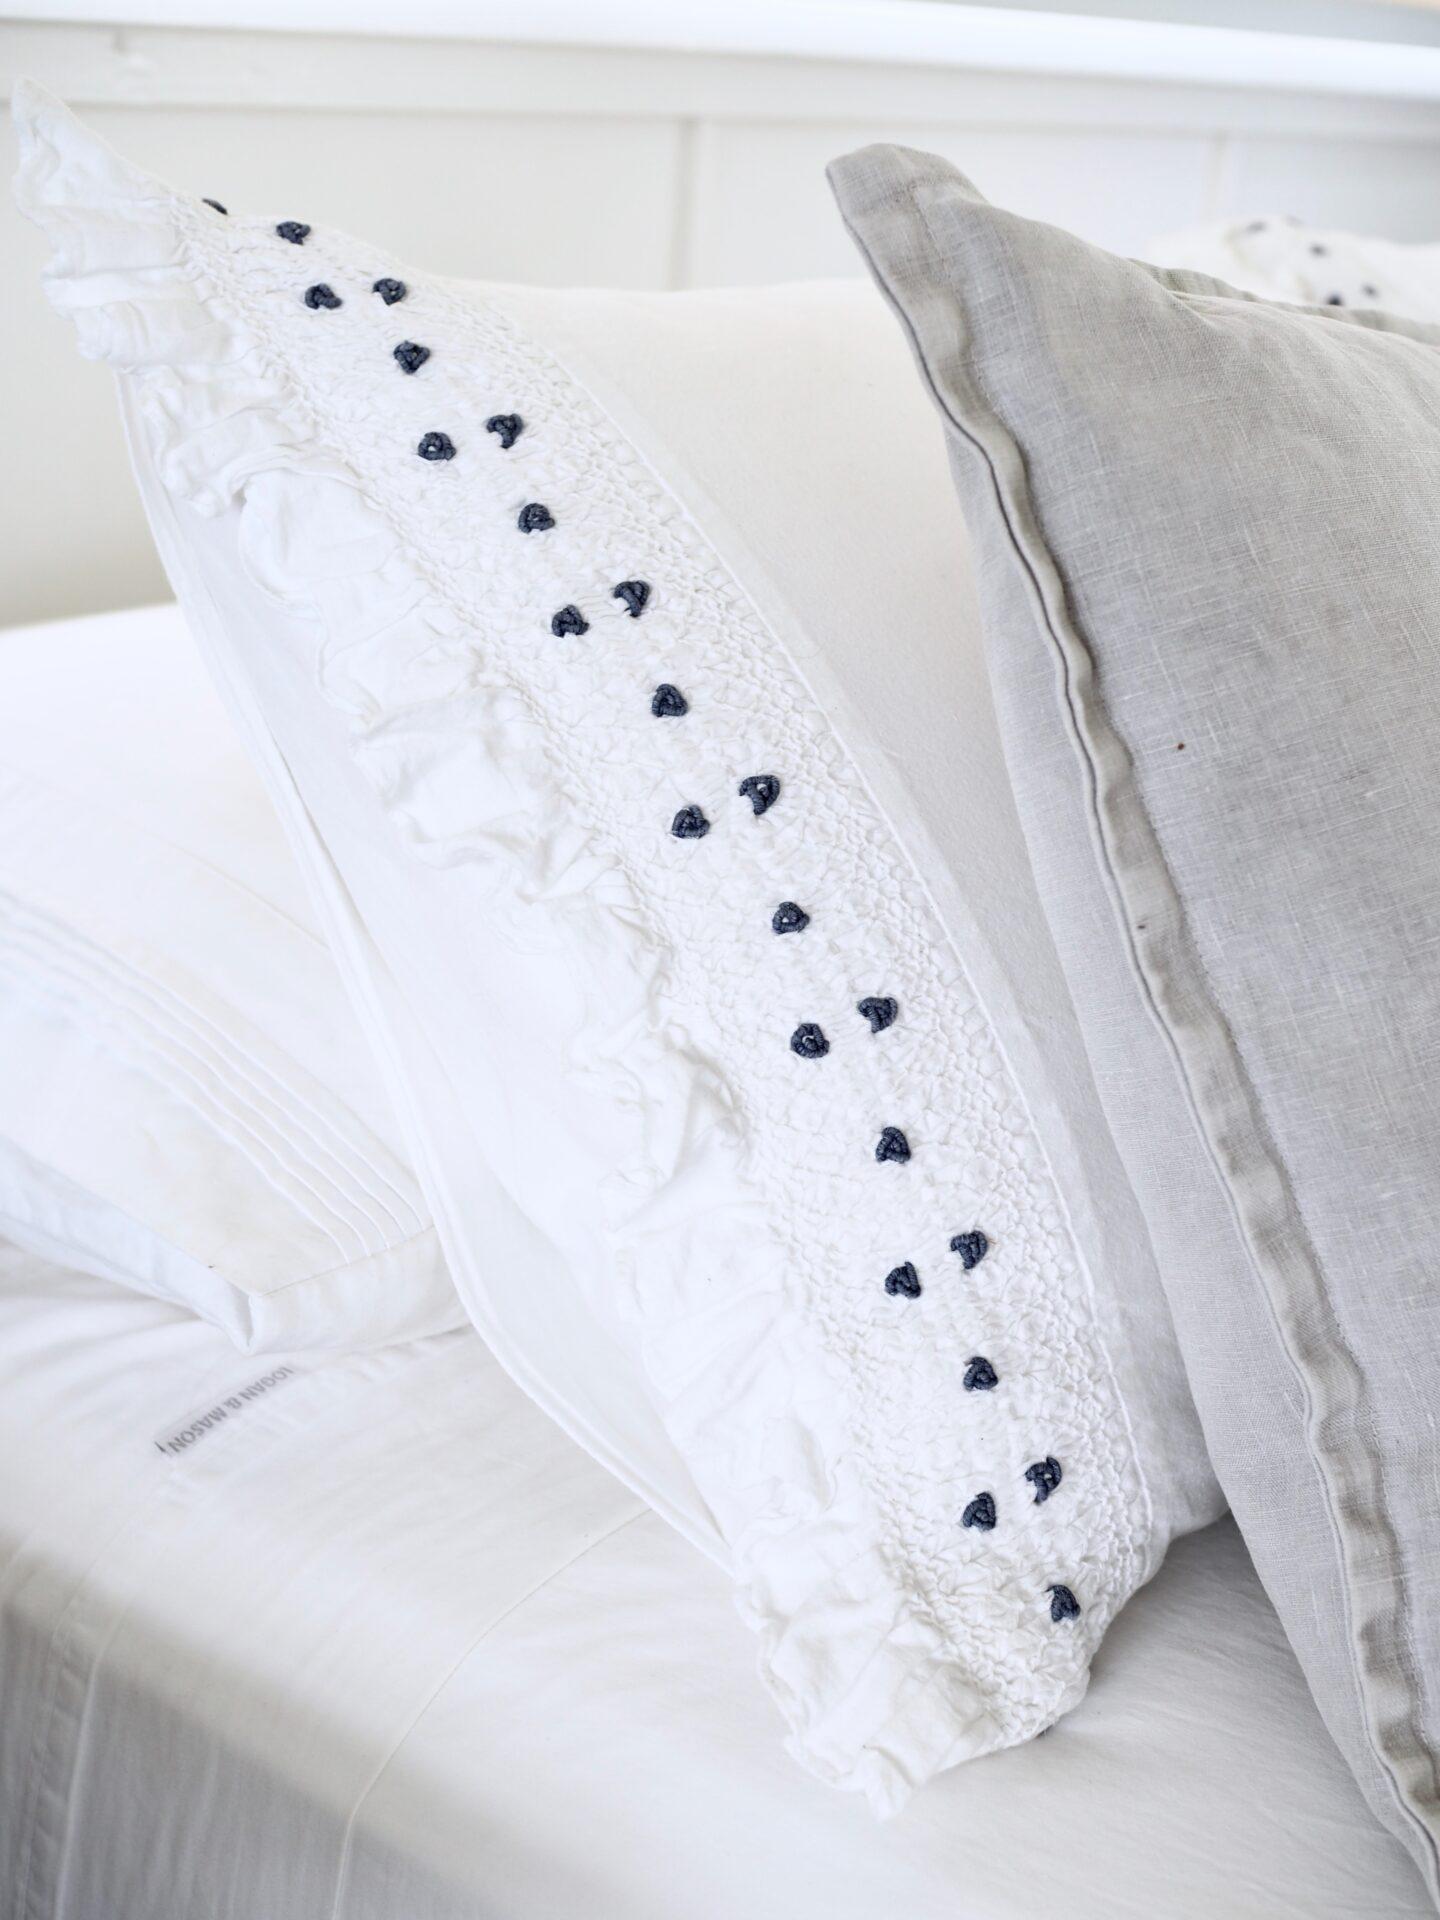 crisp white bed linens